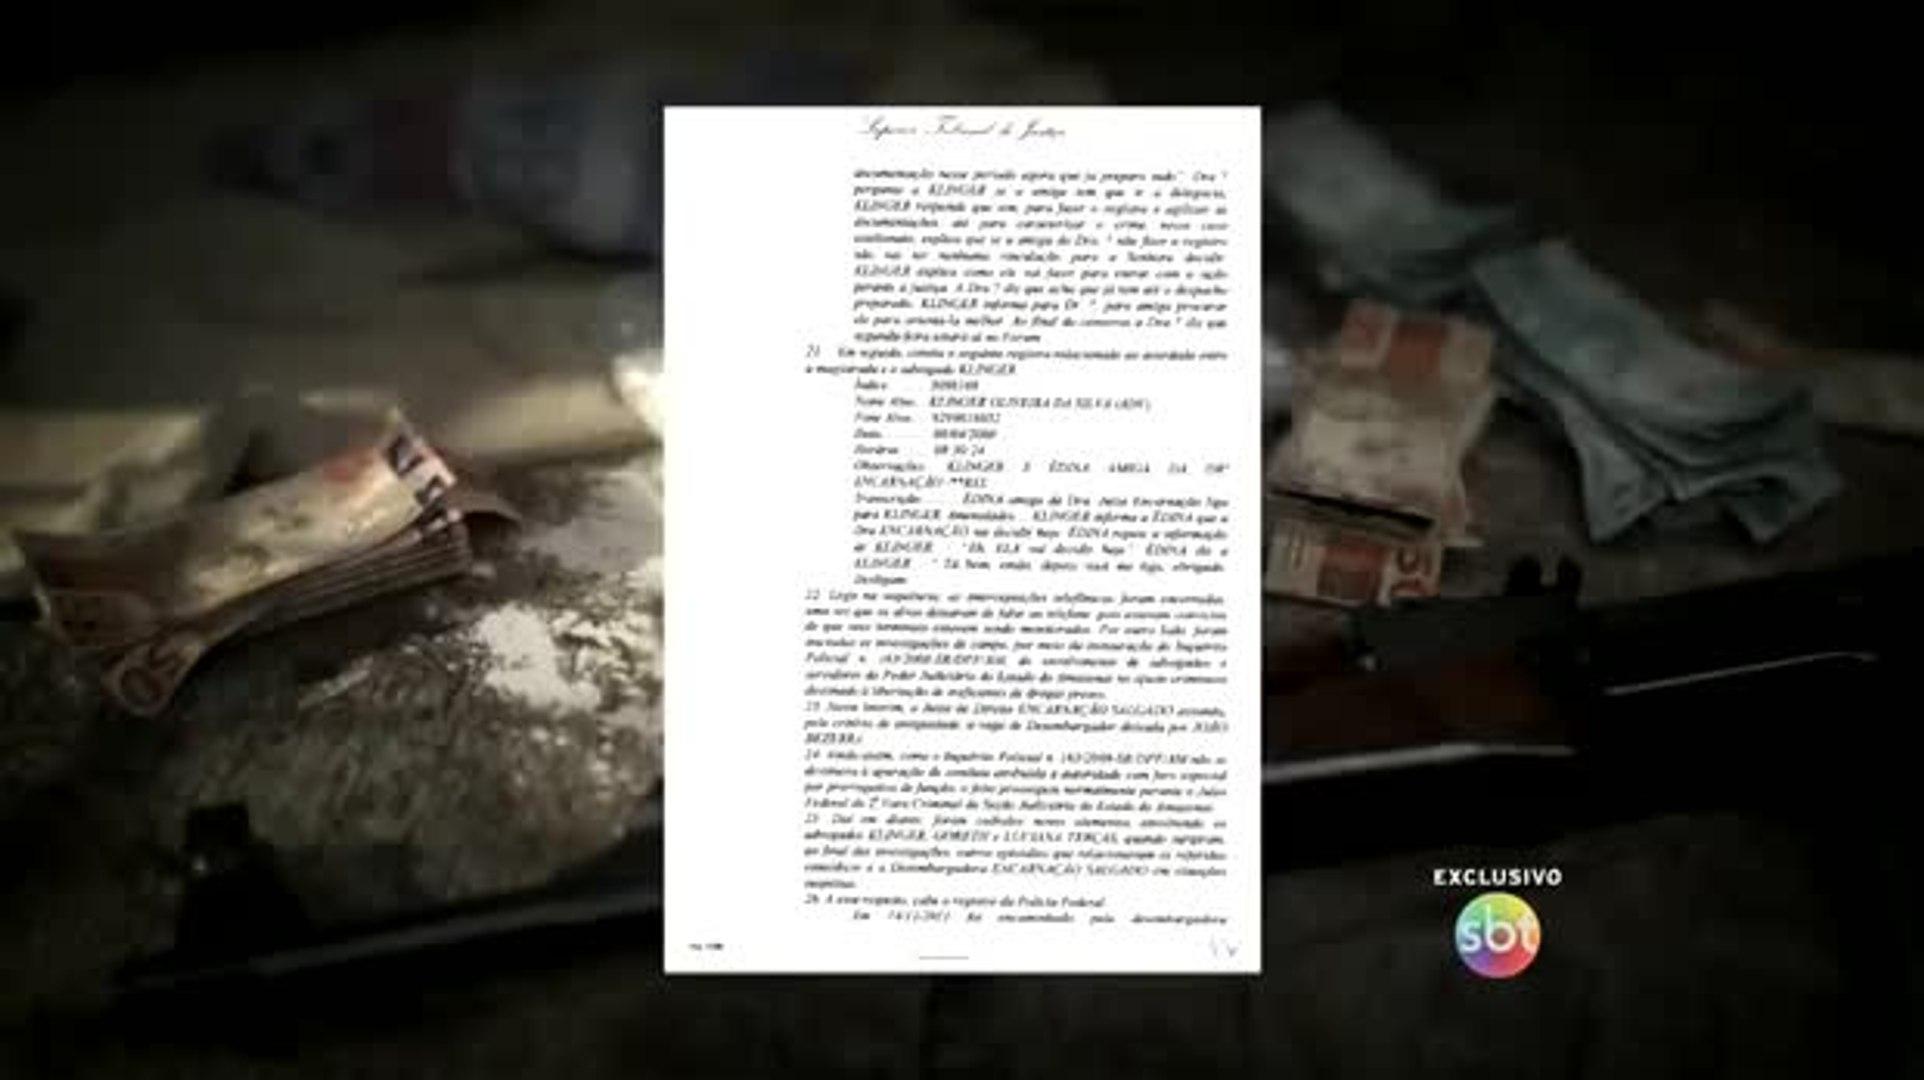 Venda de decisões judiciais para traficantes acontece há 10 anos no Amazonas